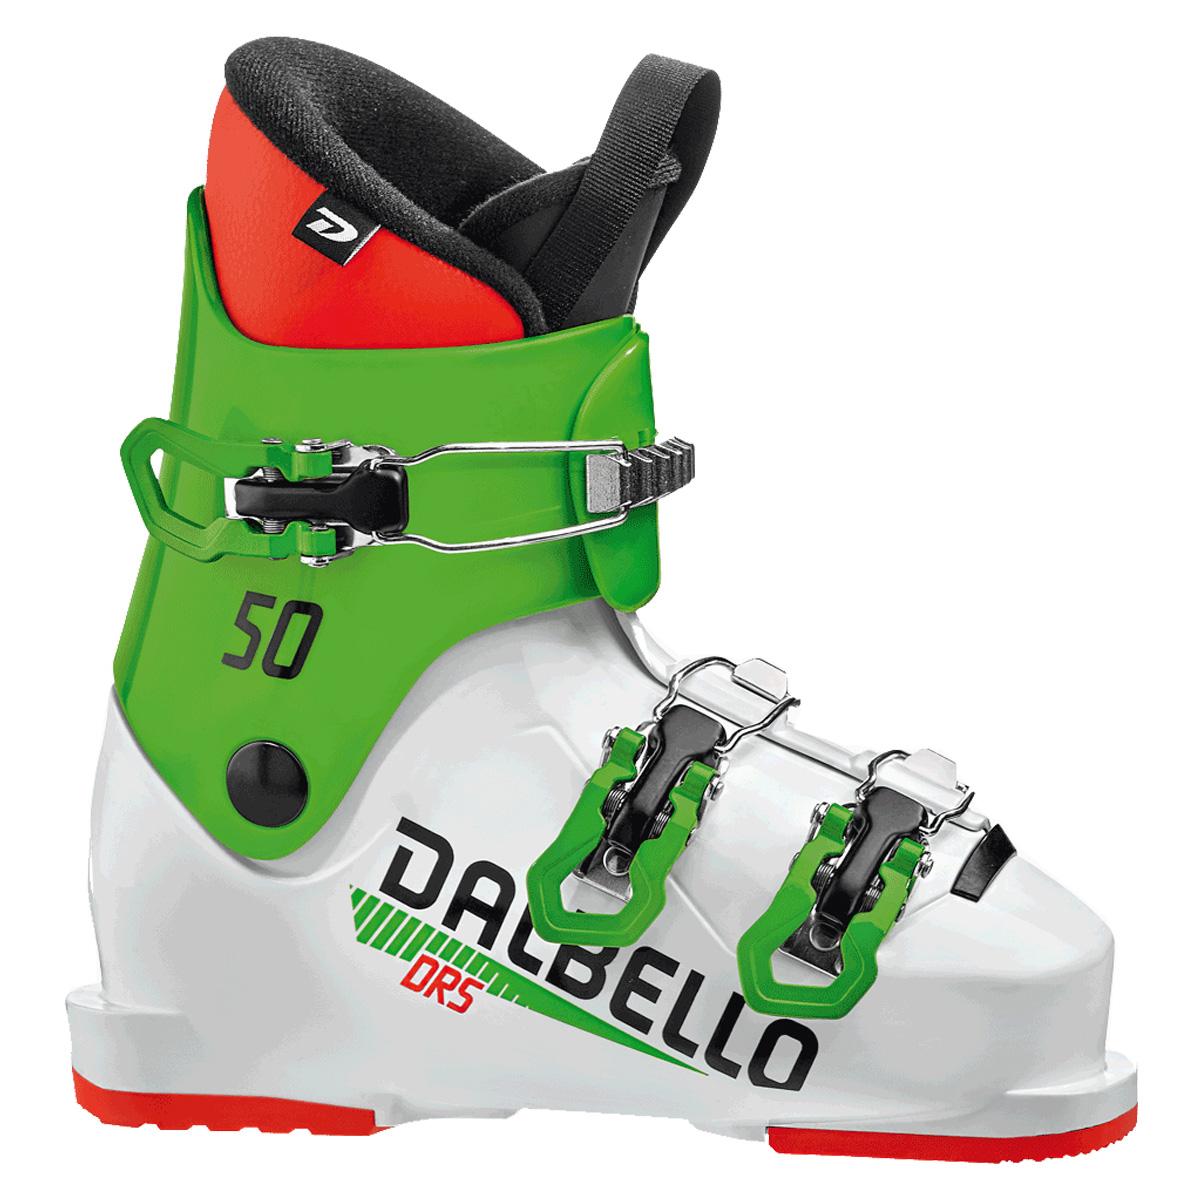 Scarponi sci Dalbello Drs 50 Jr (Colore: white-race green, Taglia: 18.5)